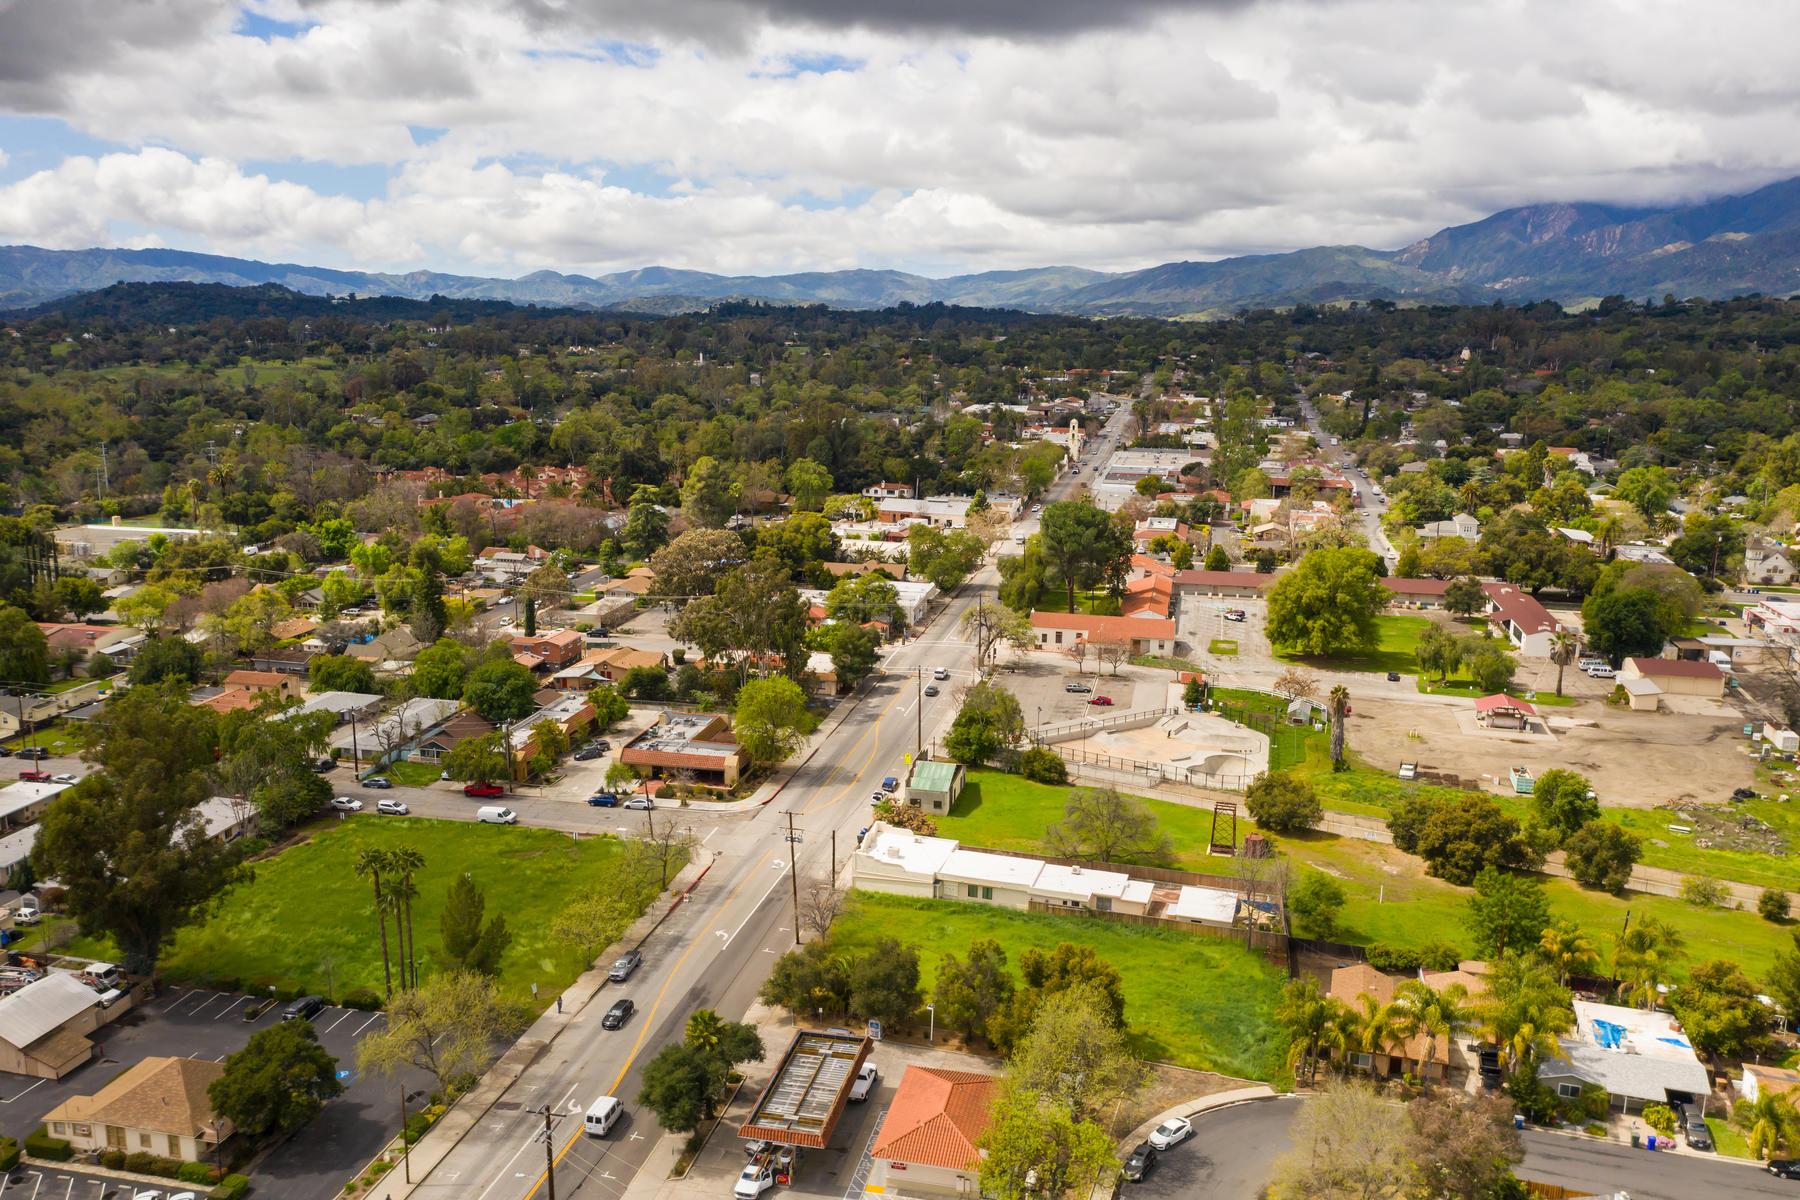 Terreno por un Venta en Extremely rare Commercial Property with Development potential on Ojai Avenue 608 East Ojai Avenue Ojai, California 93023 Estados Unidos